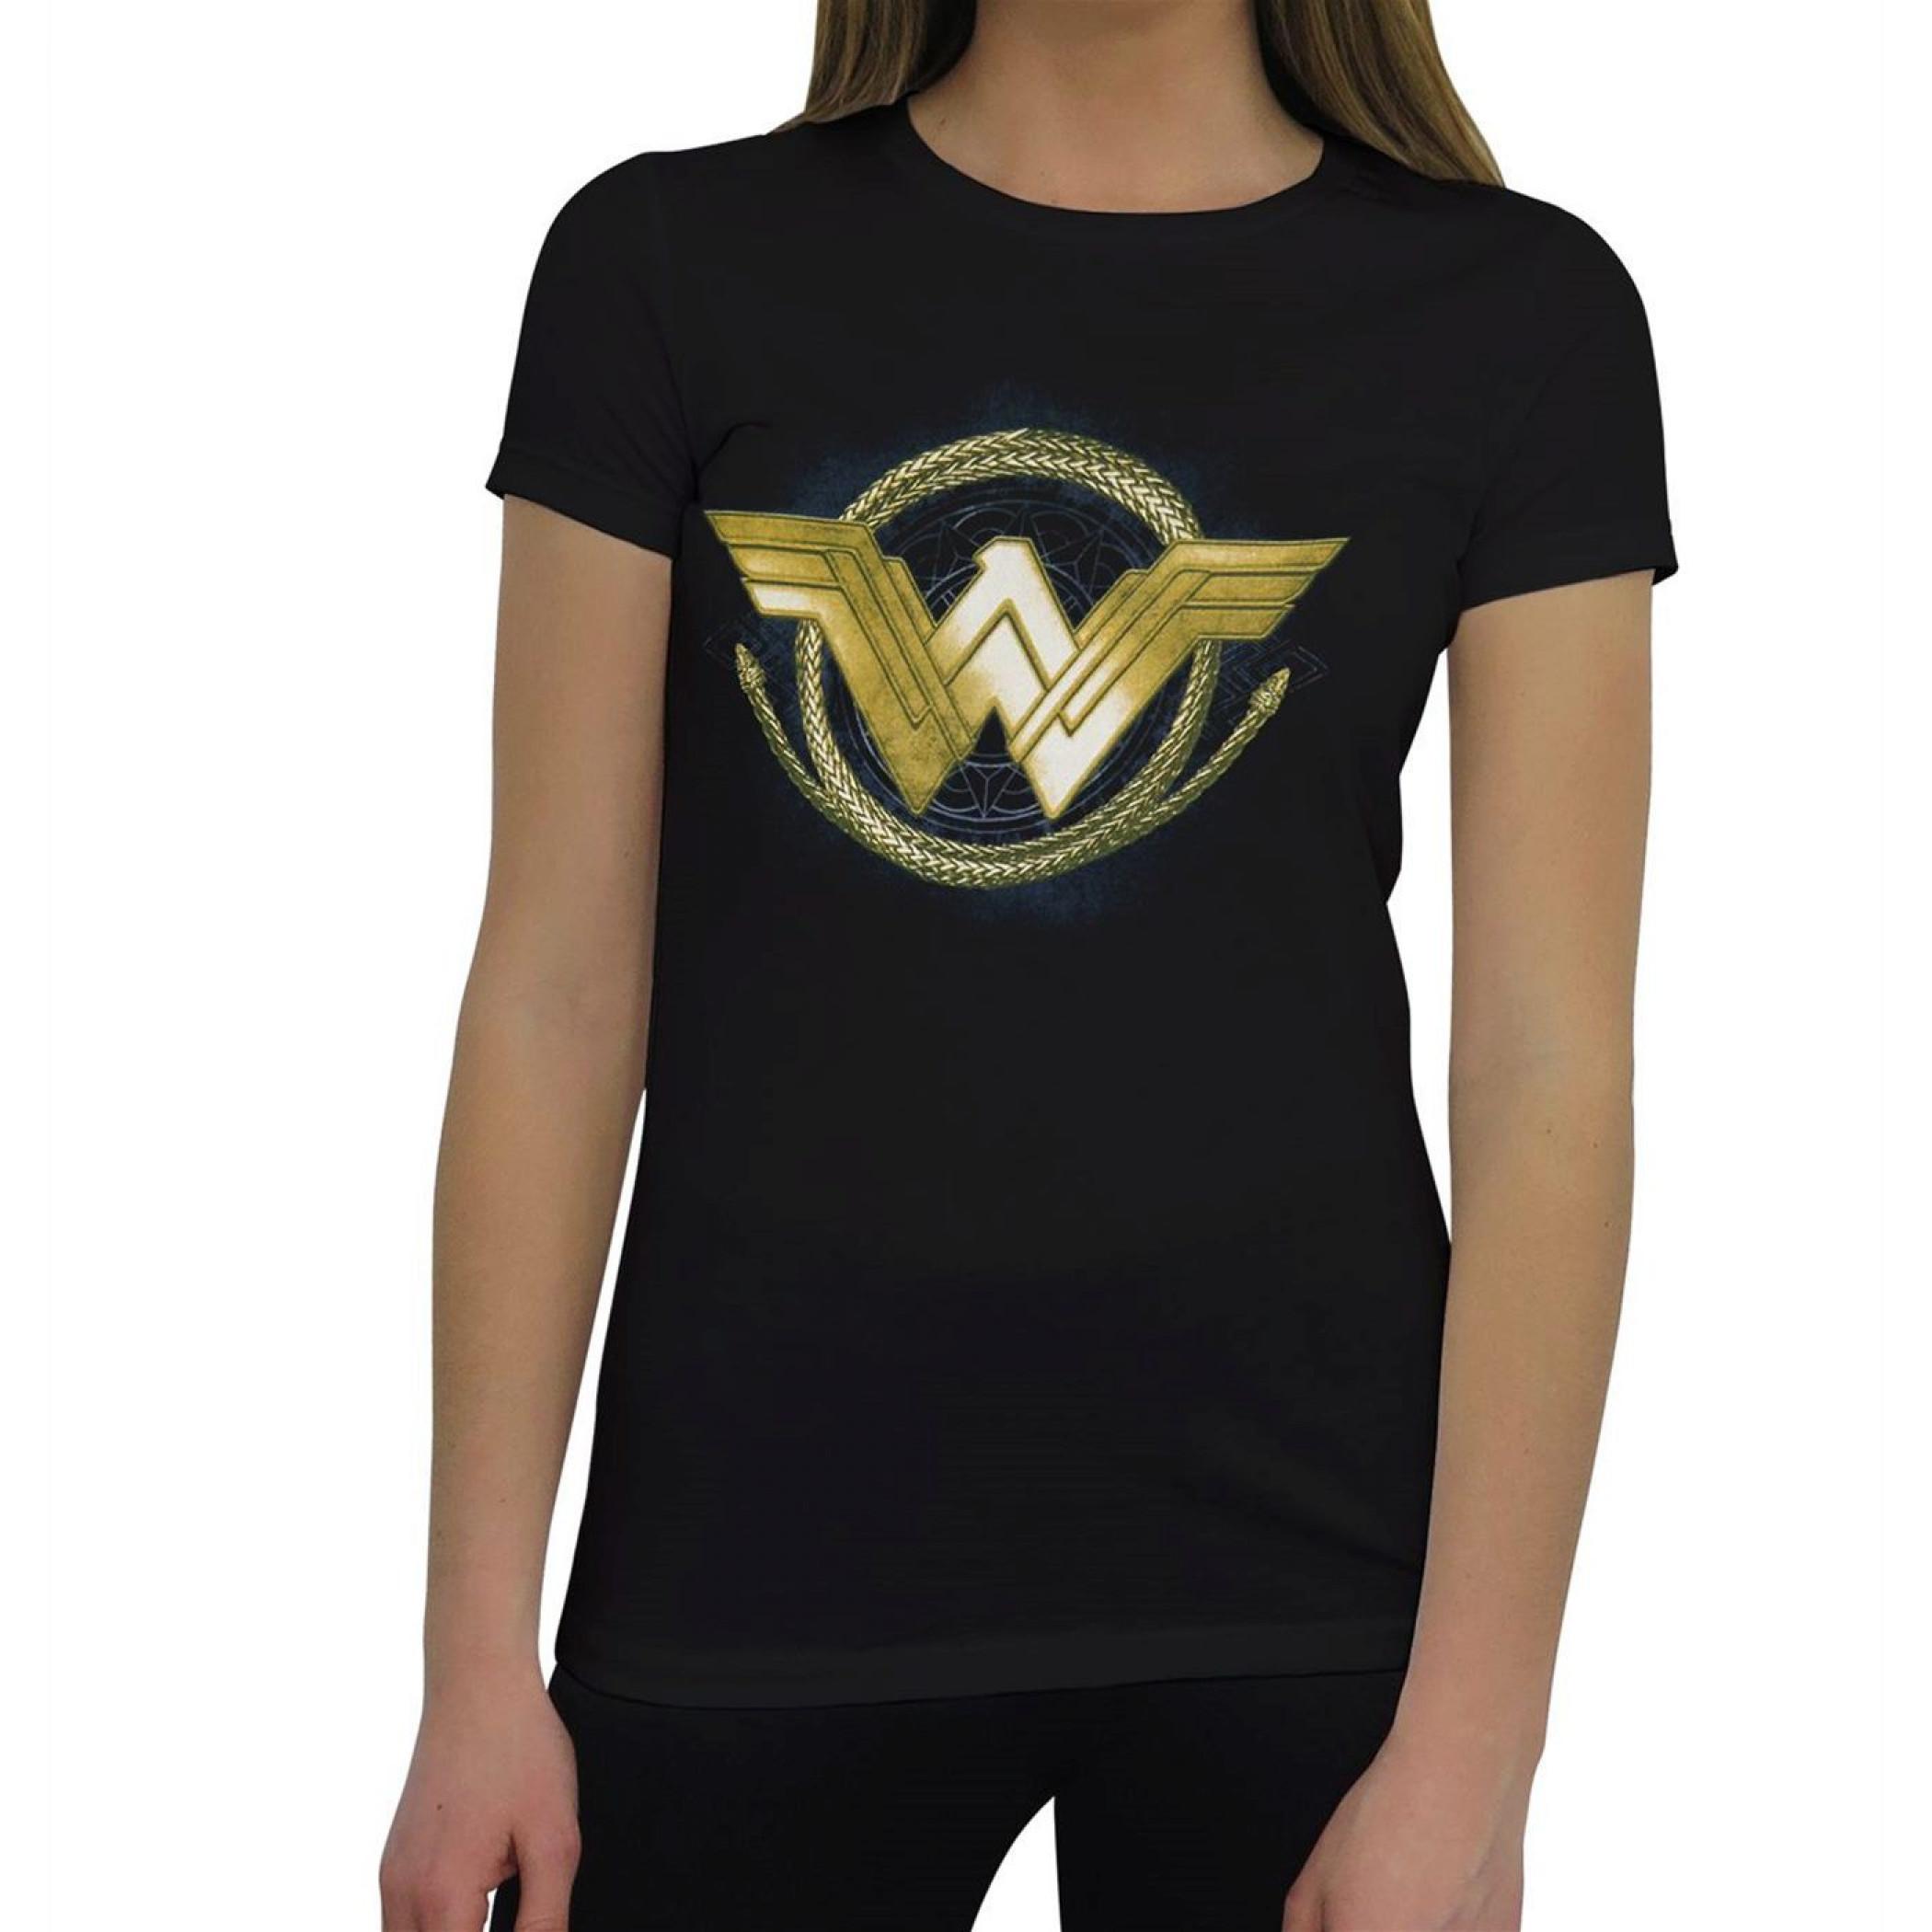 Wonder Woman Golden Lasso Logo Women's T-Shirt